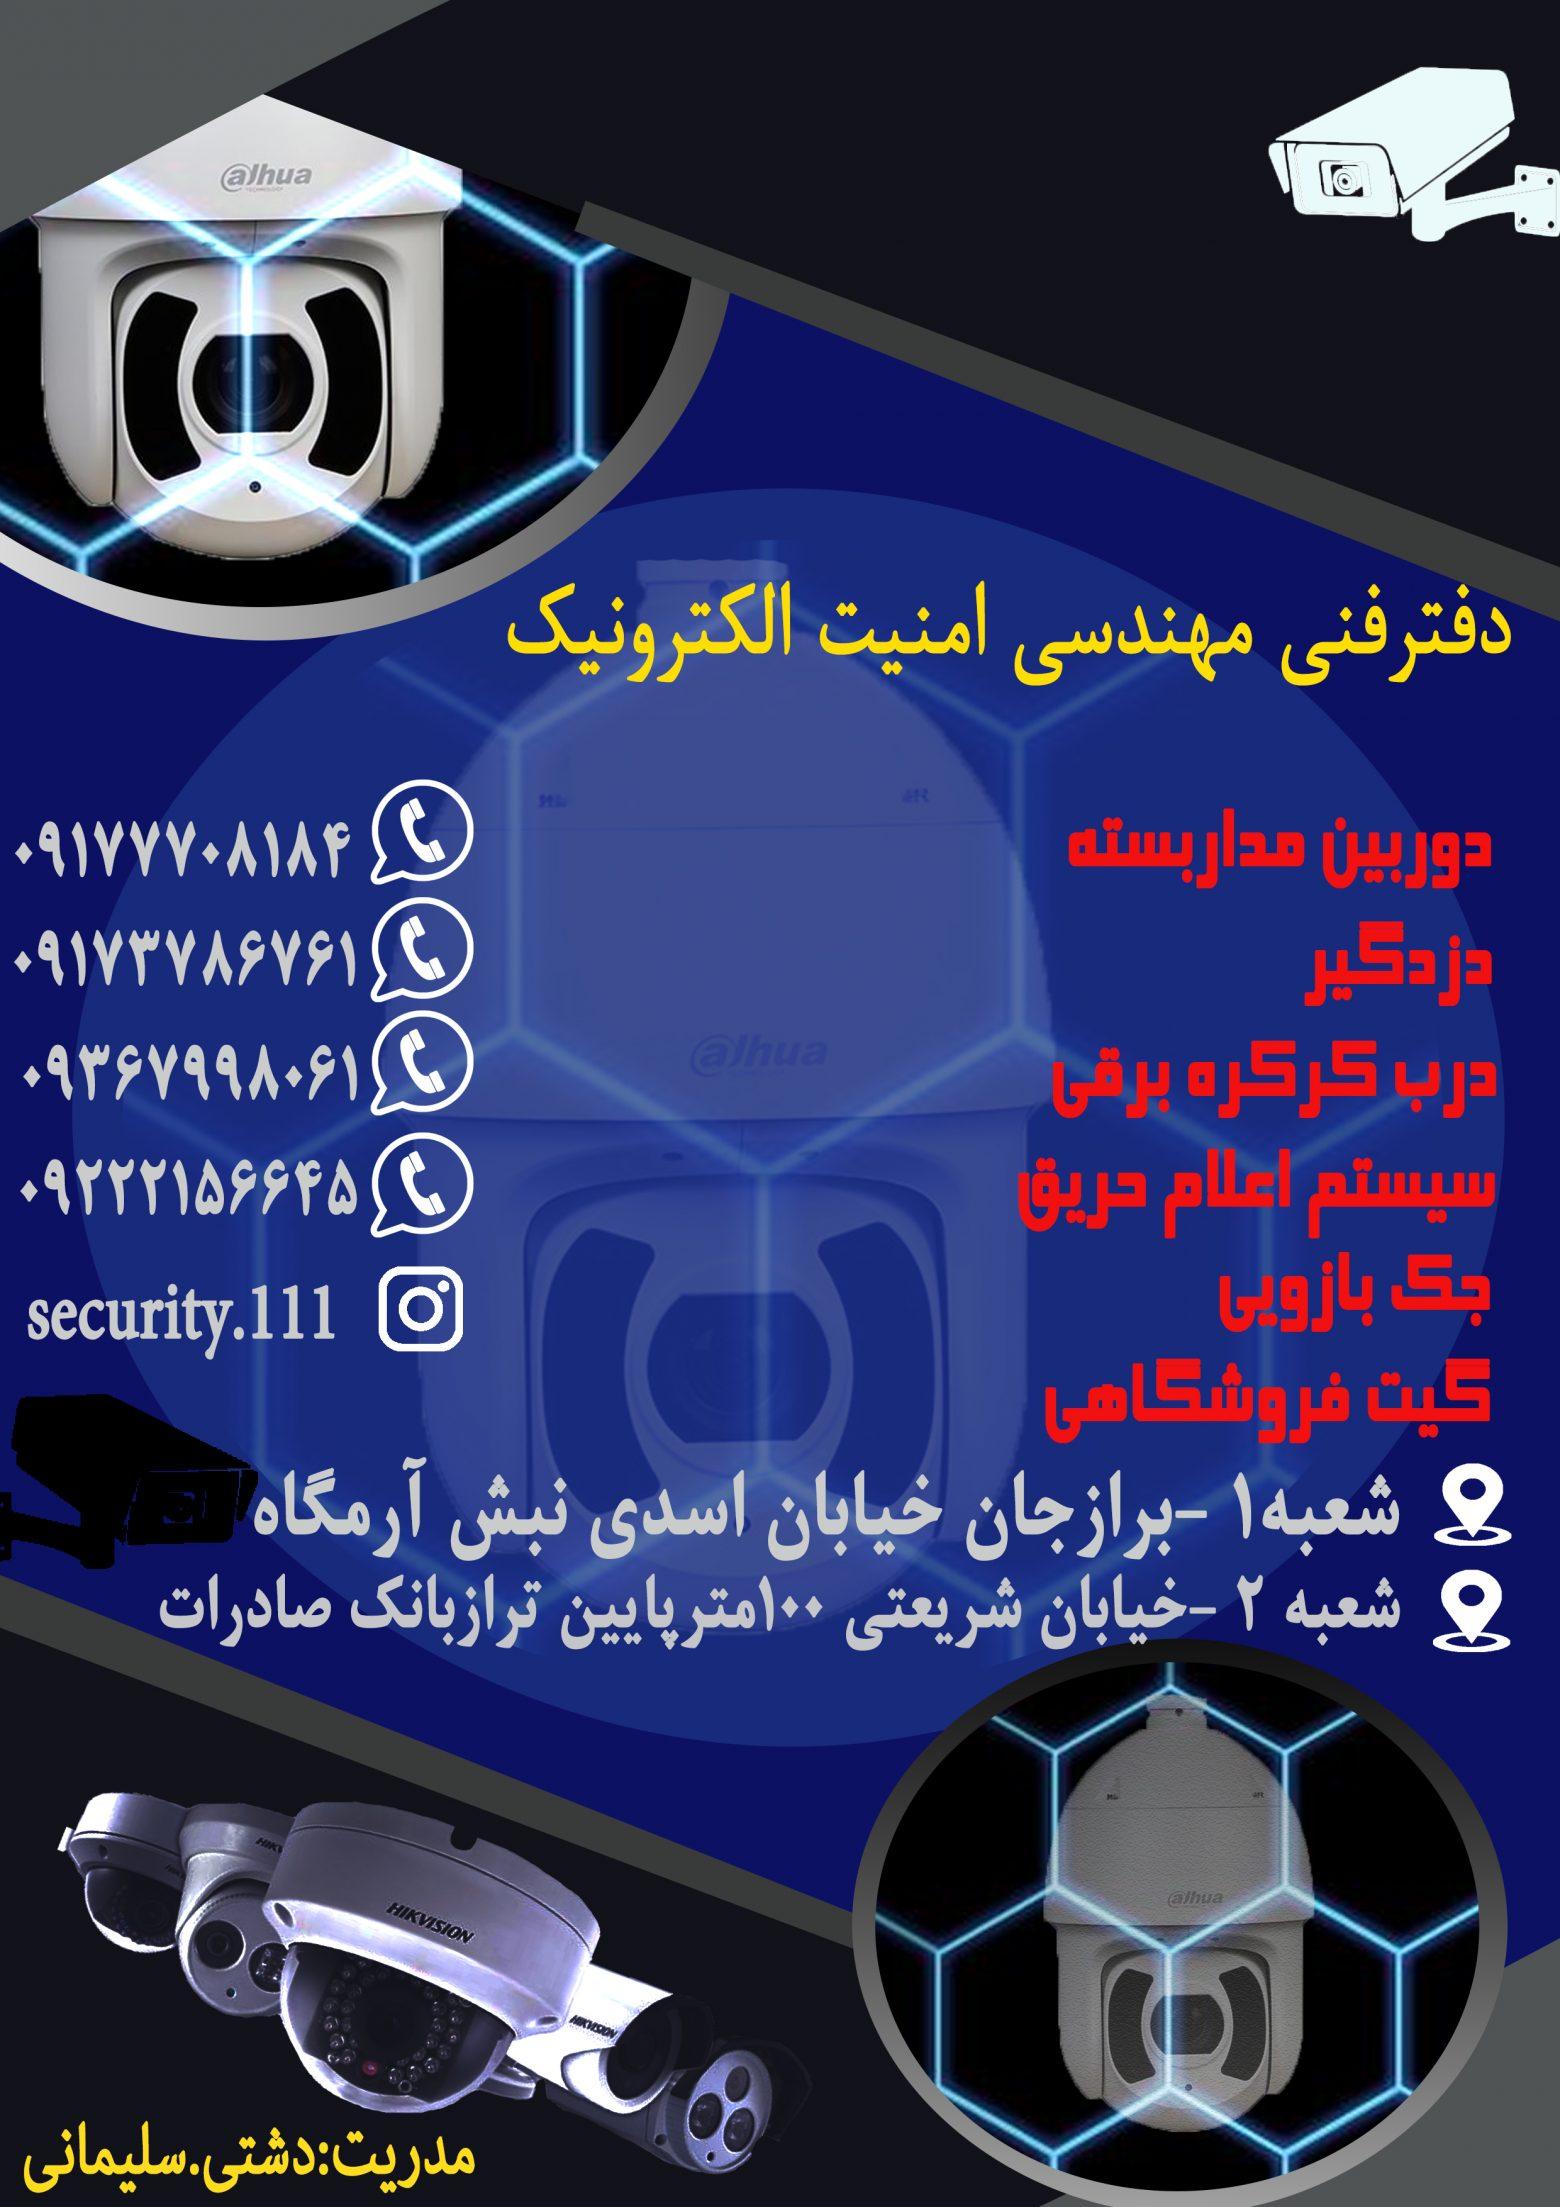 دفترفنی1 1560x2207 - فایل لایه باز دفترفنی مهندسی دوربین مداربسته